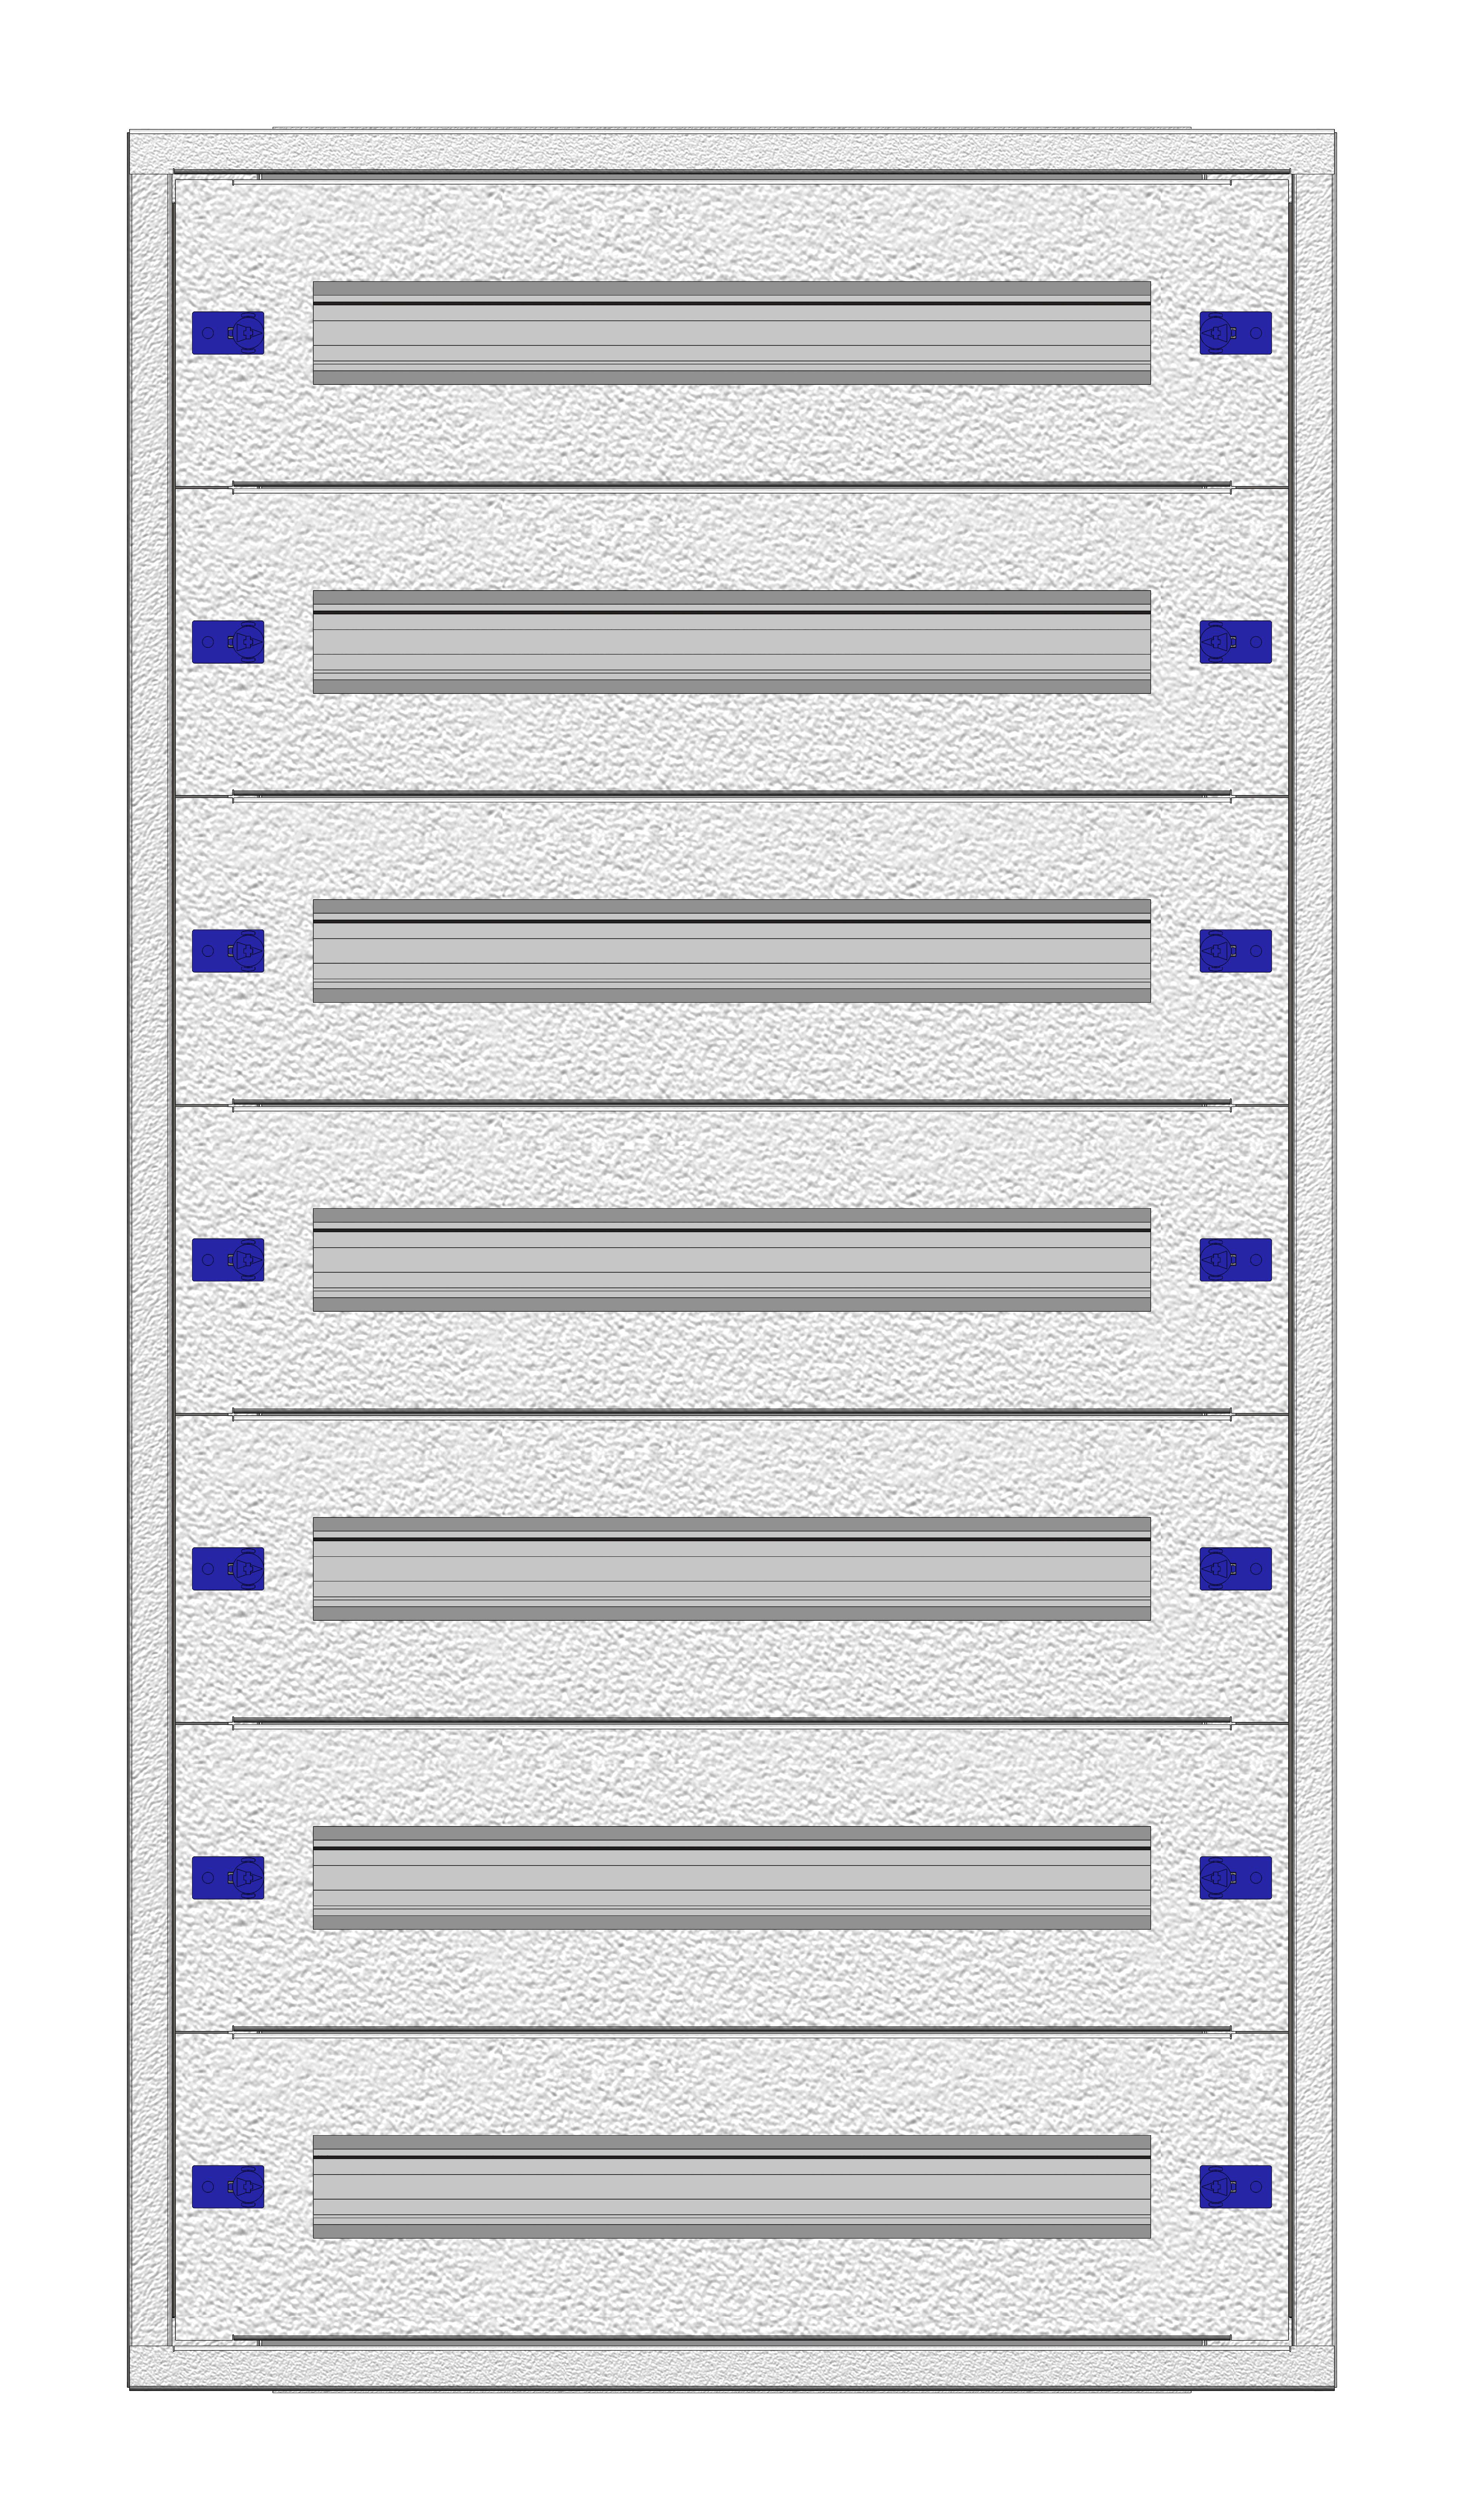 1 Stk Aufputz-Installationsverteiler 2A-21K, H1055B590T250mm IL172221AS